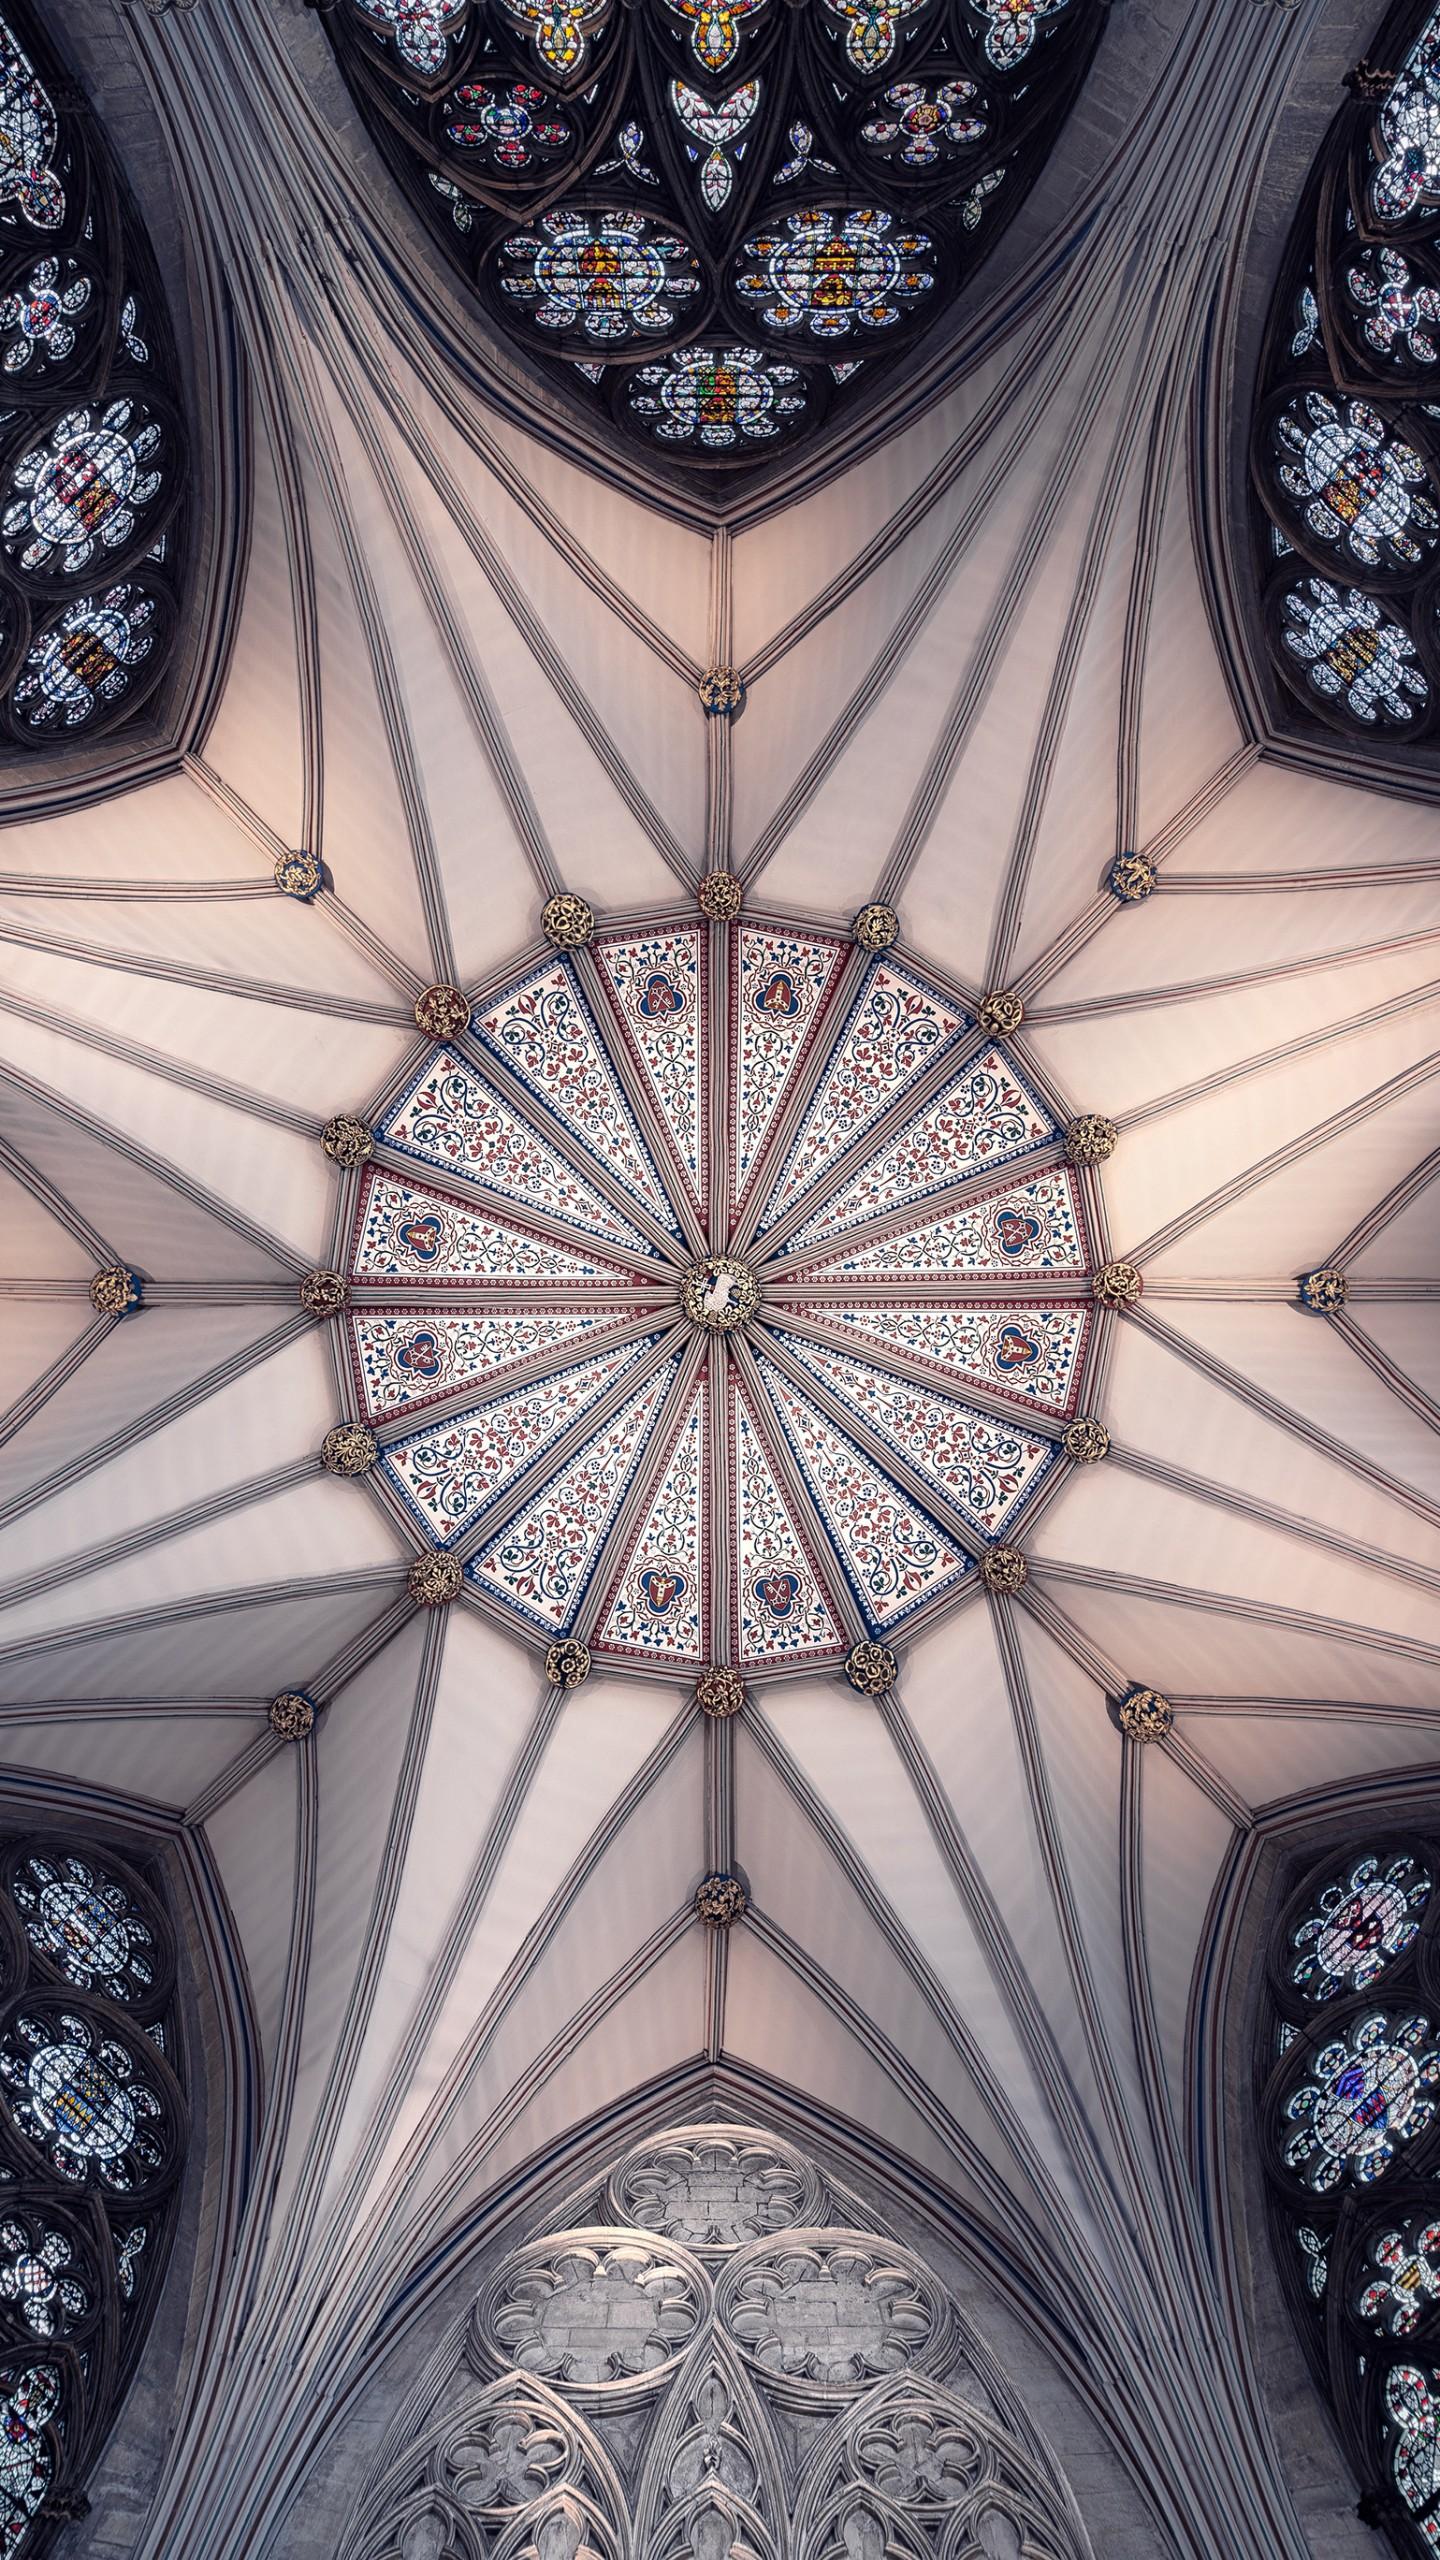 عکس زمینه معماری داخلی سقف کلیسای جامع پس زمینه